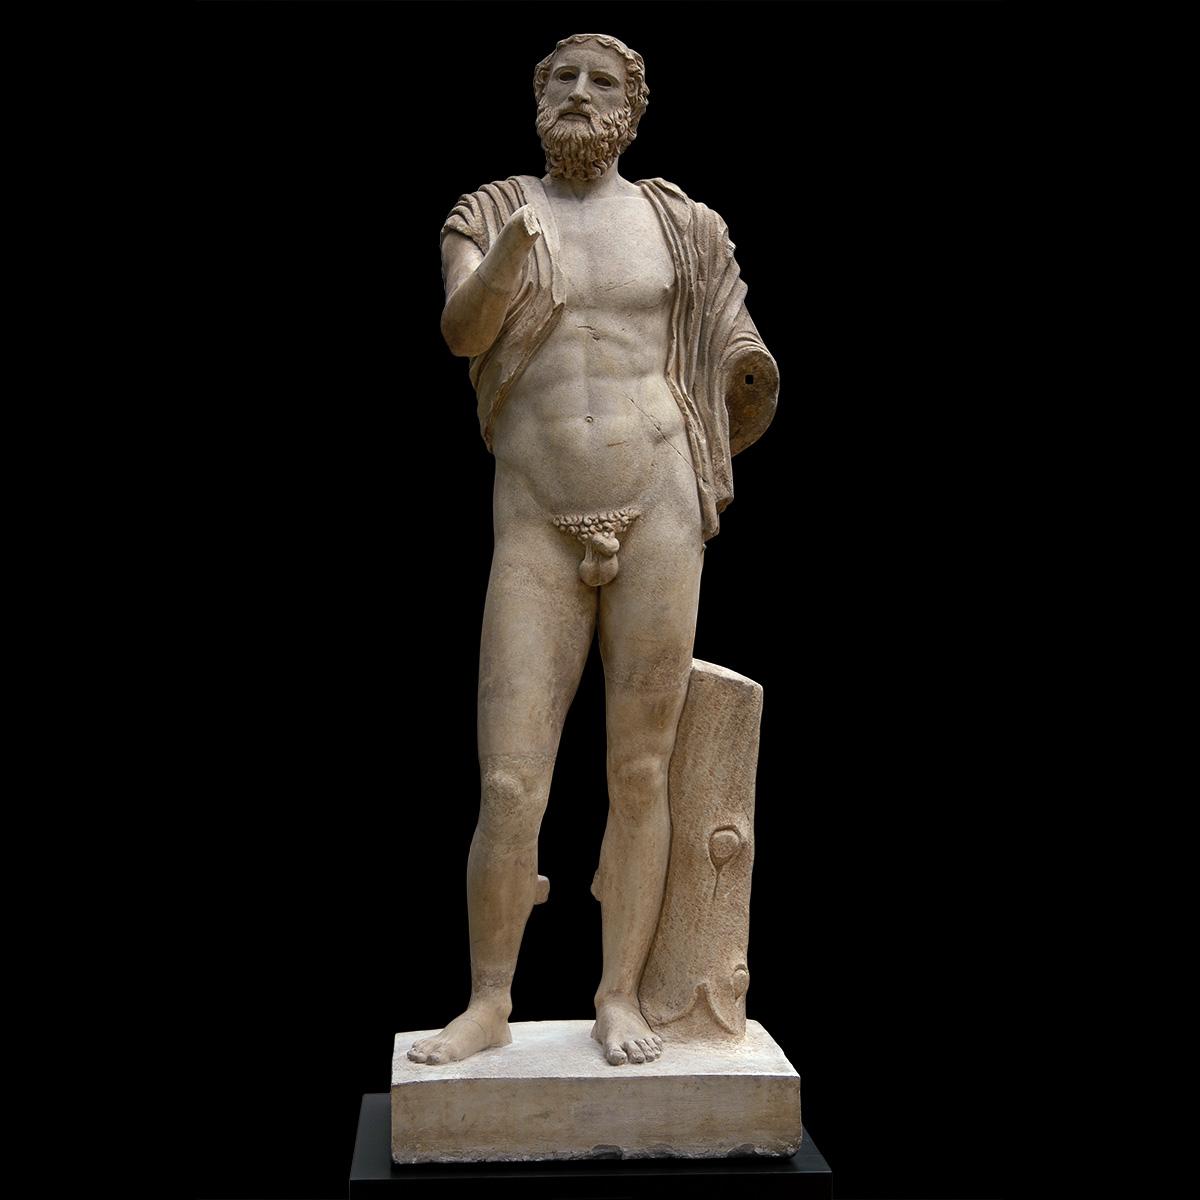 penis masculin în sculptură dimensiunea atașamentelor penisului